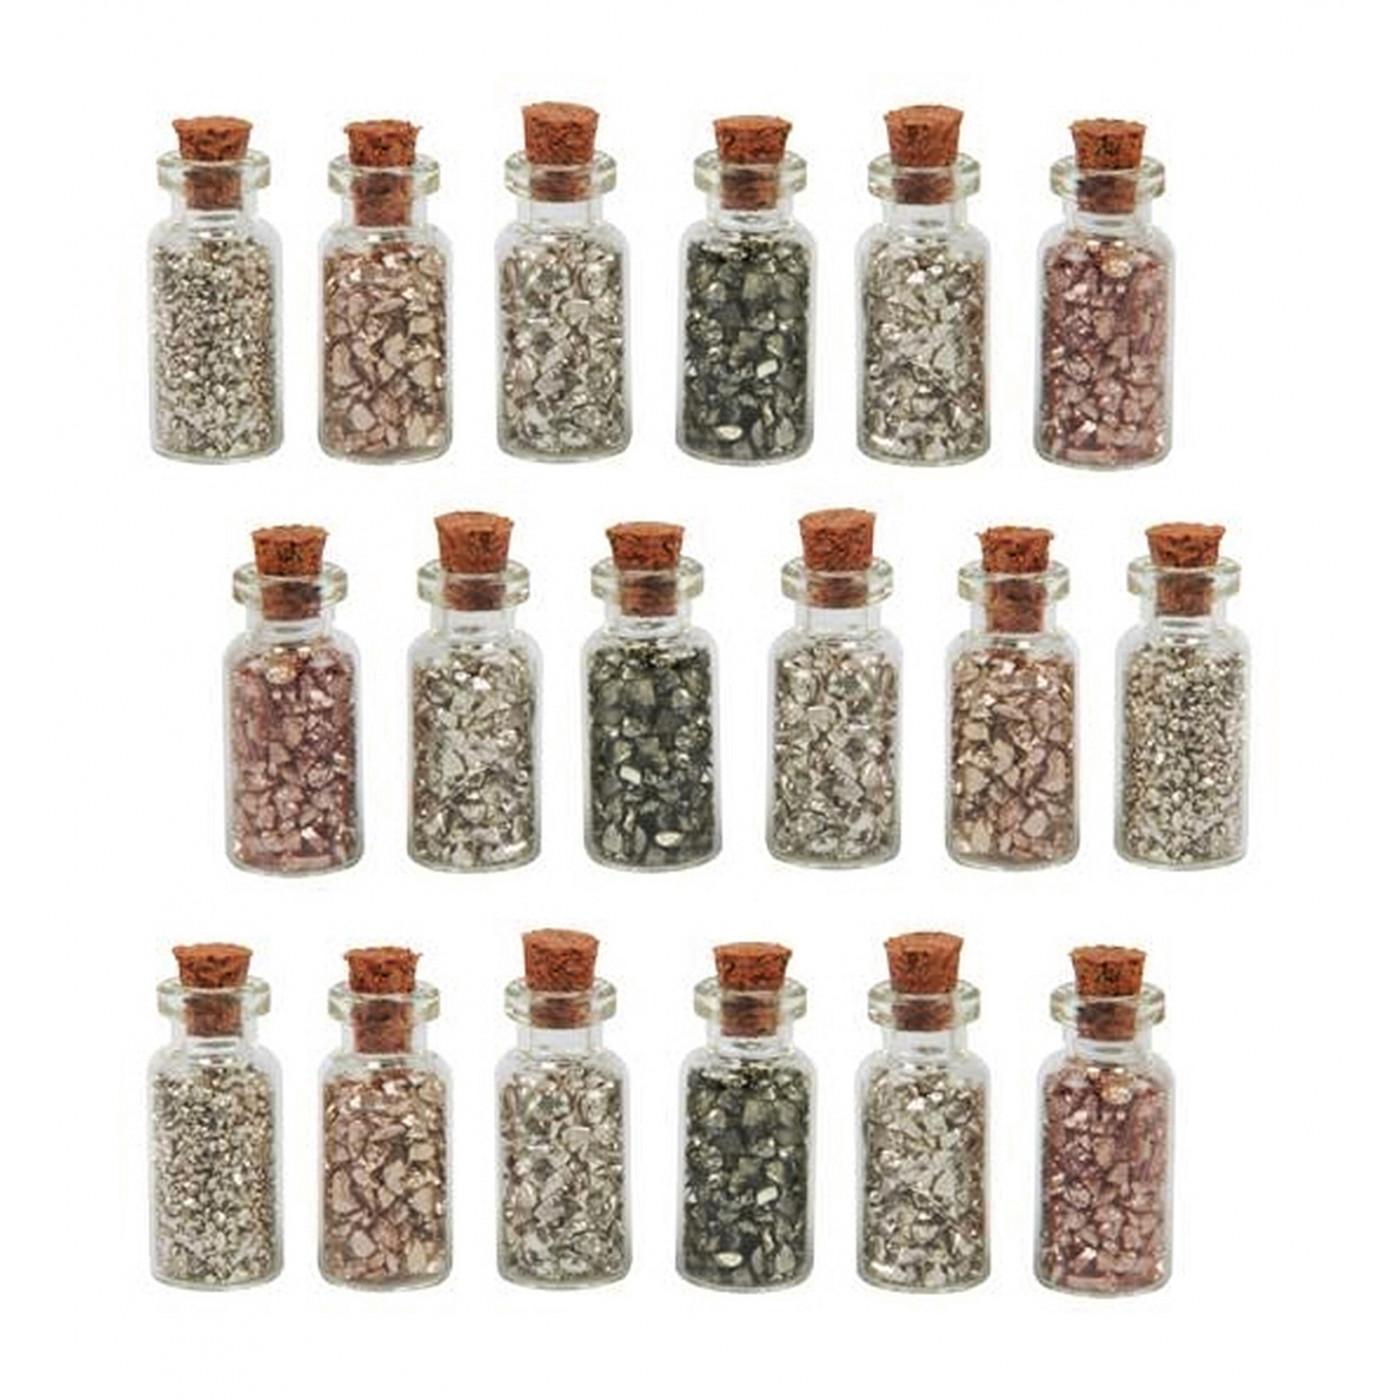 Set mit 18 Mini-Flaschen mit Mini-Dekosteinen (Typ 3)  - 1